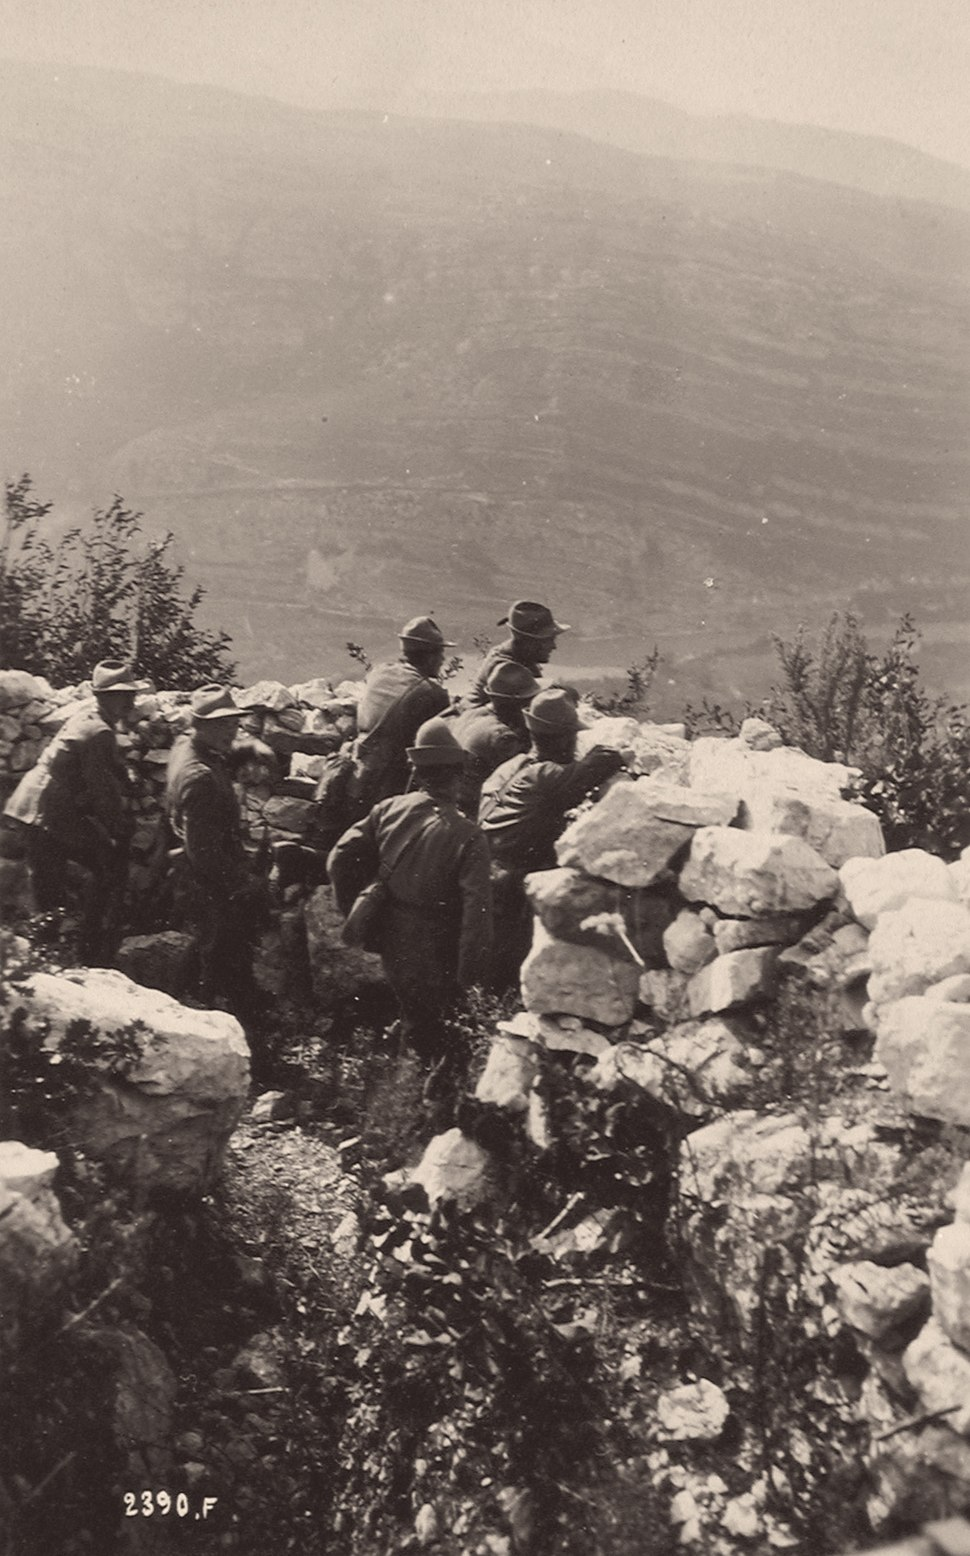 WWI - Monte Corno - Italian Alpini in the frontline trenches